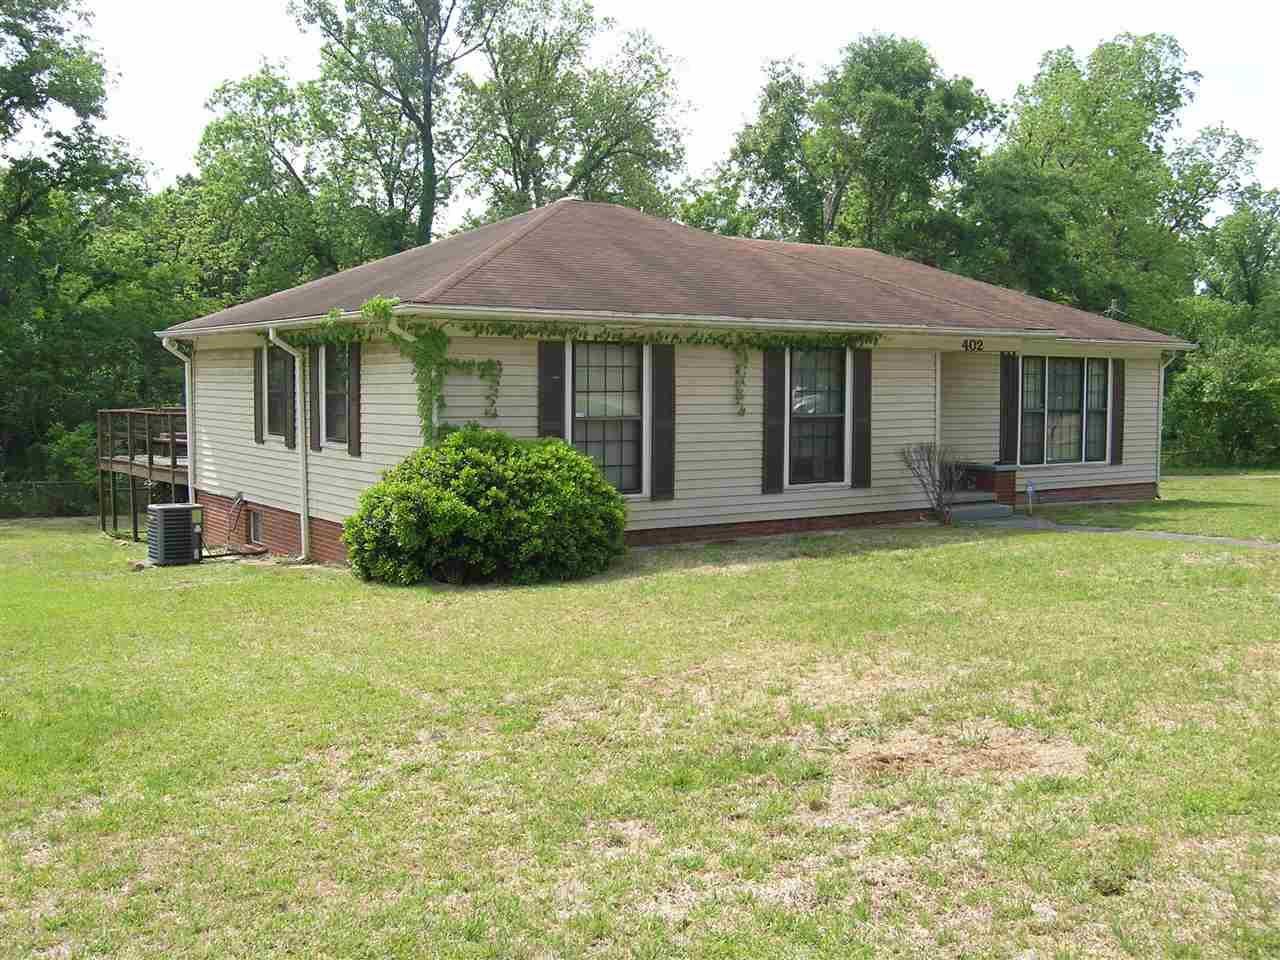 402 JACKSON ST, Edwards, MS 39066 - MLS#: 308247